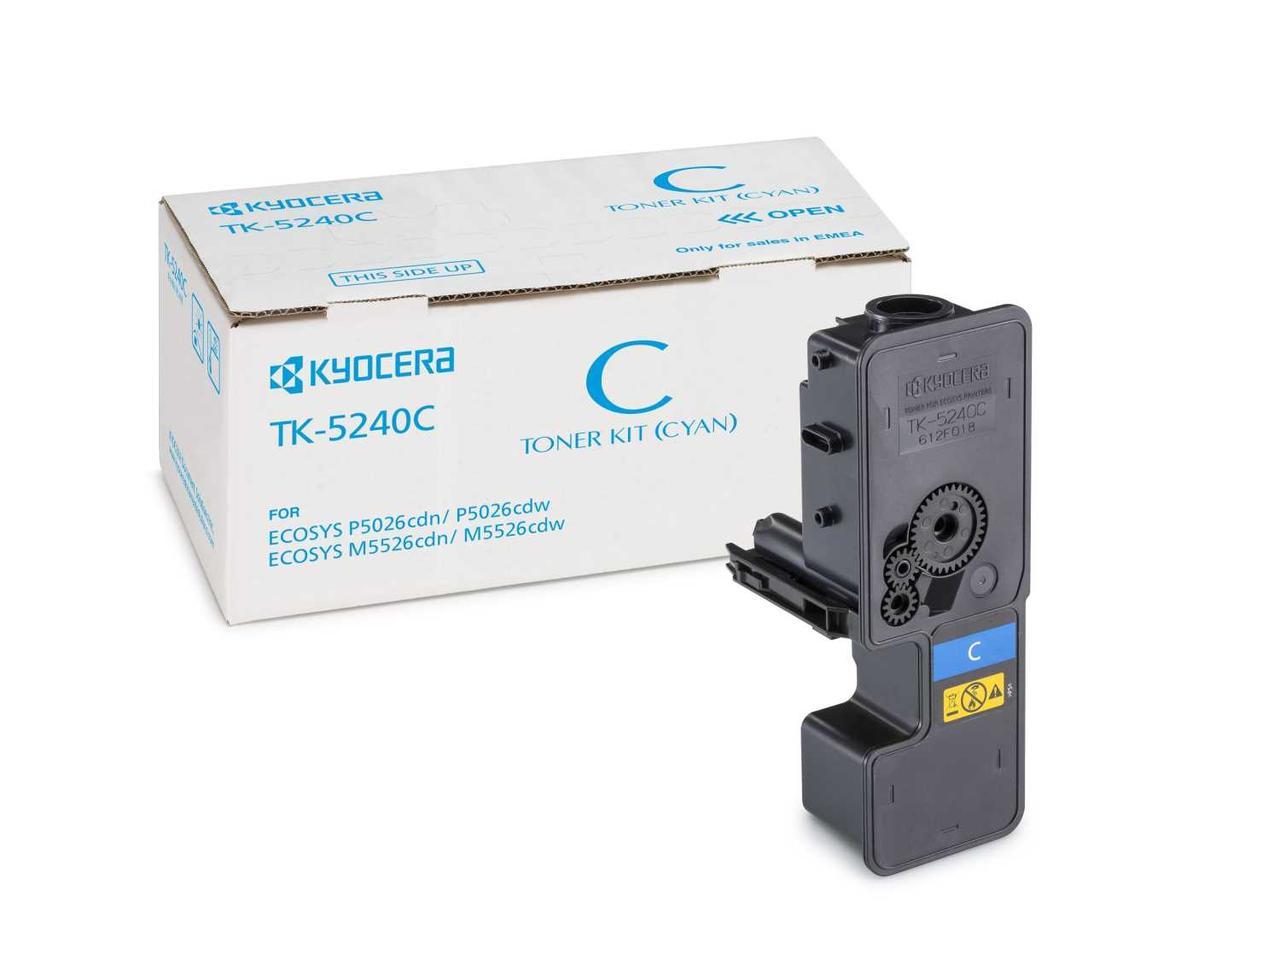 Картридж KYOCERA Тонер-картридж TK-5240C 3 000 стр. Cyan для P5026cdn/cdw, M5526cdn/cdw